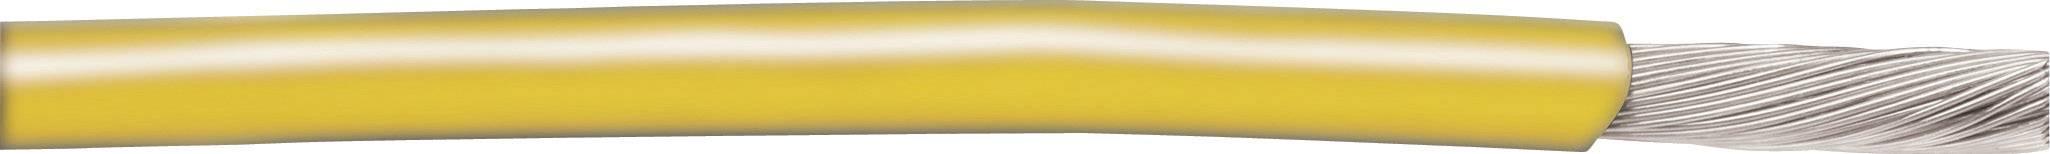 Opletenie / lanko AlphaWire 6711 EcoWire, 1 x 0.13 mm², vonkajší Ø 0.97 mm, 30.5 m, žltá